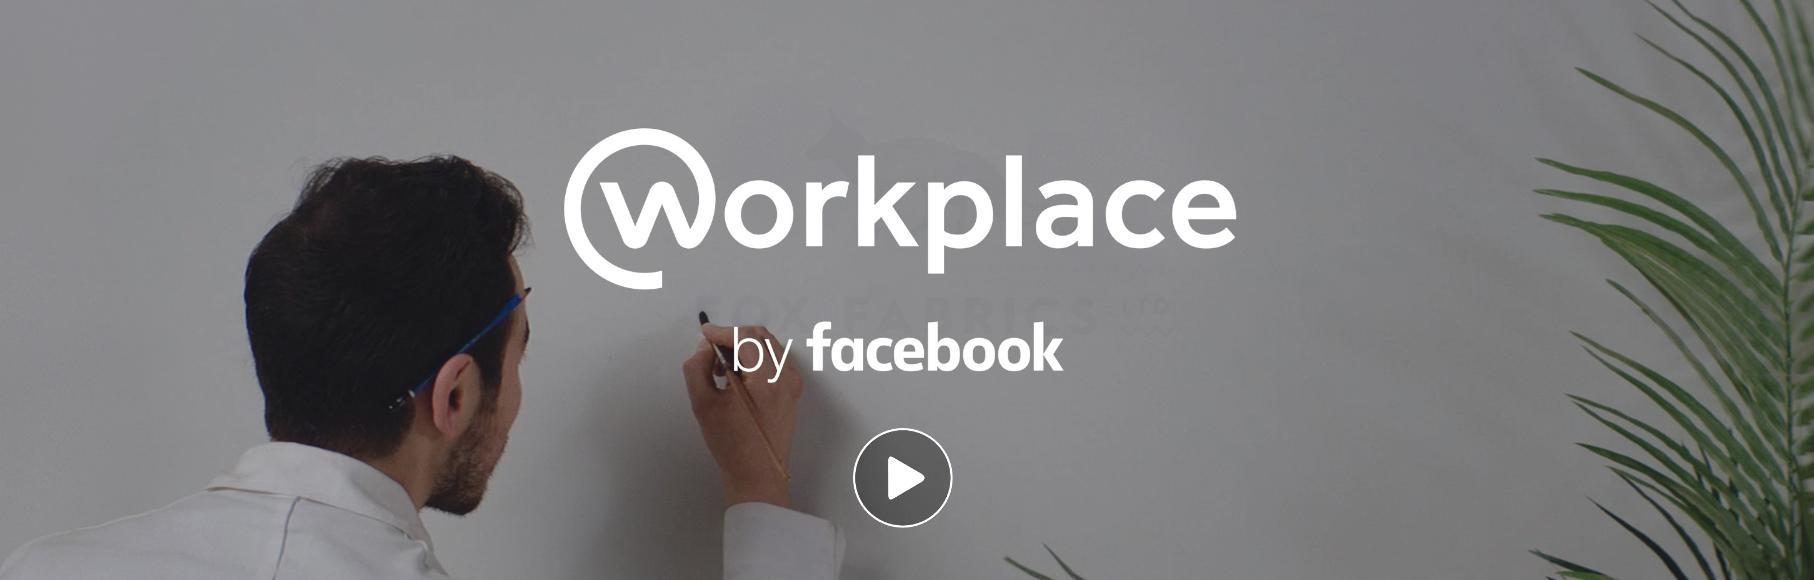 Workplace, Facebook voor op het werk